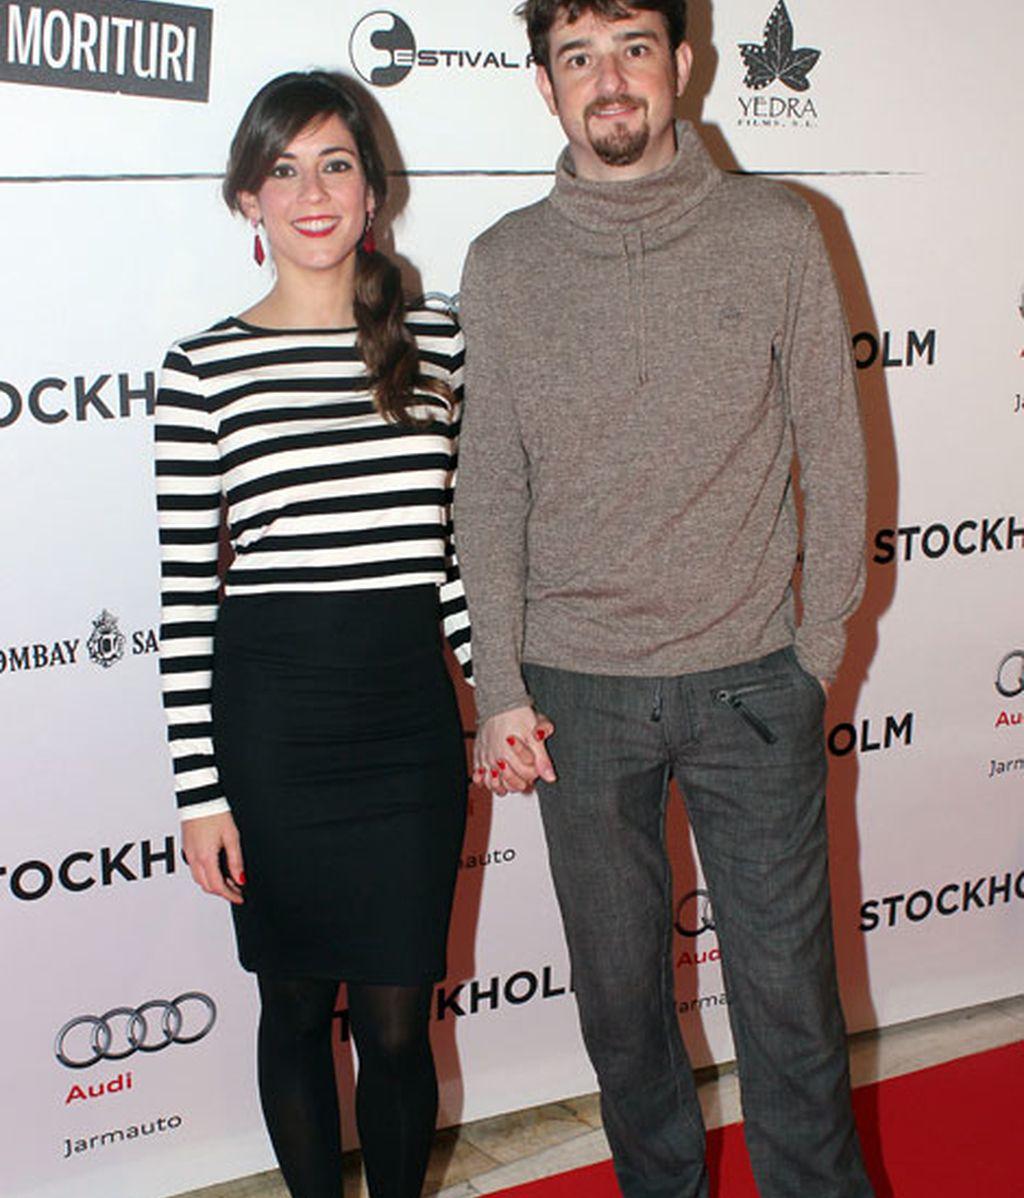 El actor Gorka Otxoa y su chica, Eva Ugarte